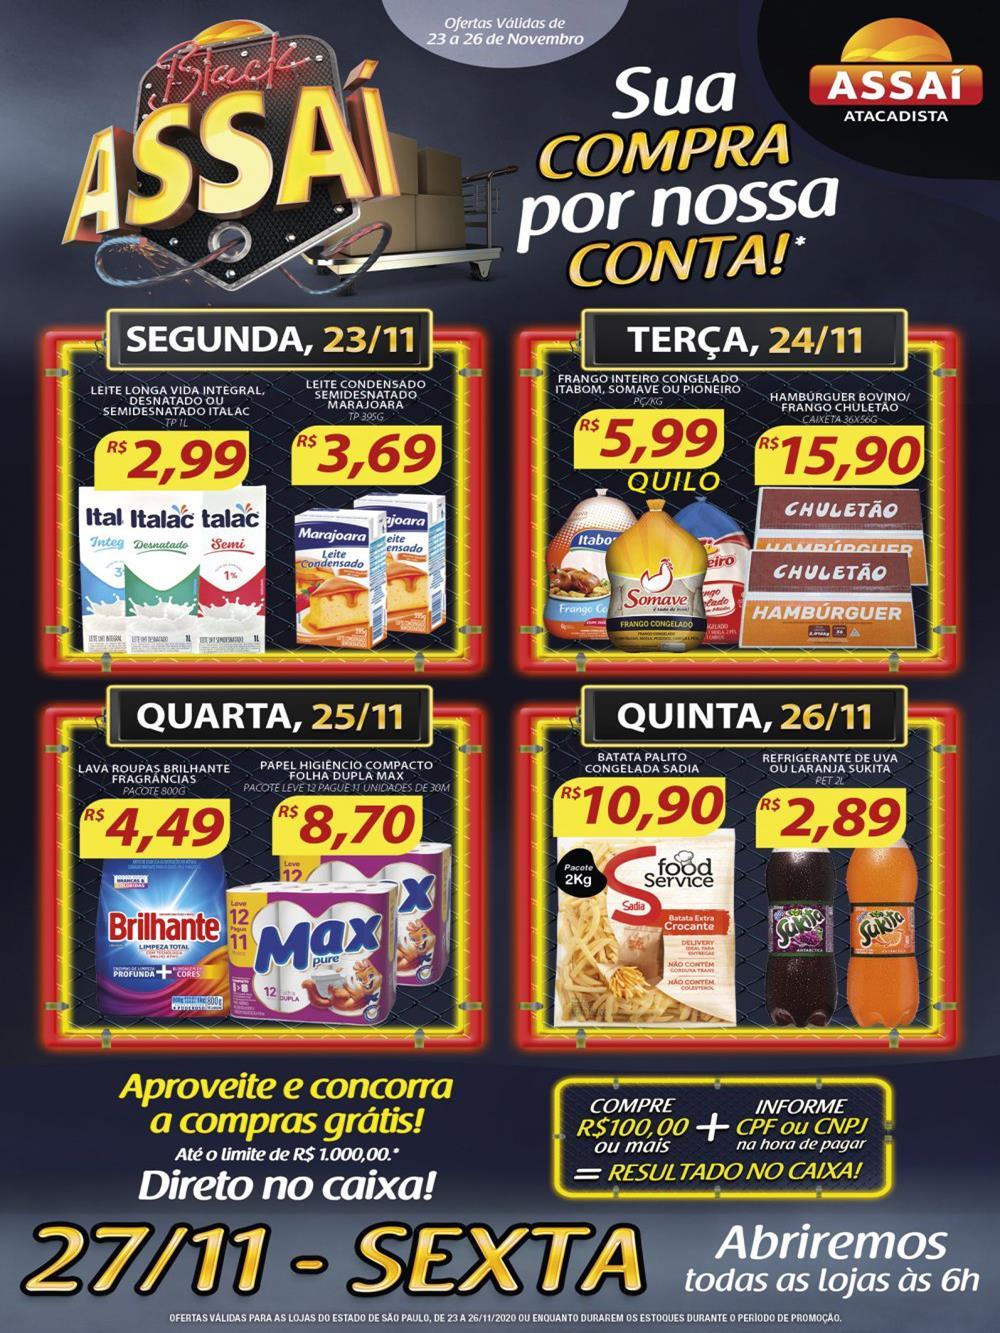 assai-ofertas-descontos-hoje1 Black Friday - Assaí até 26/11